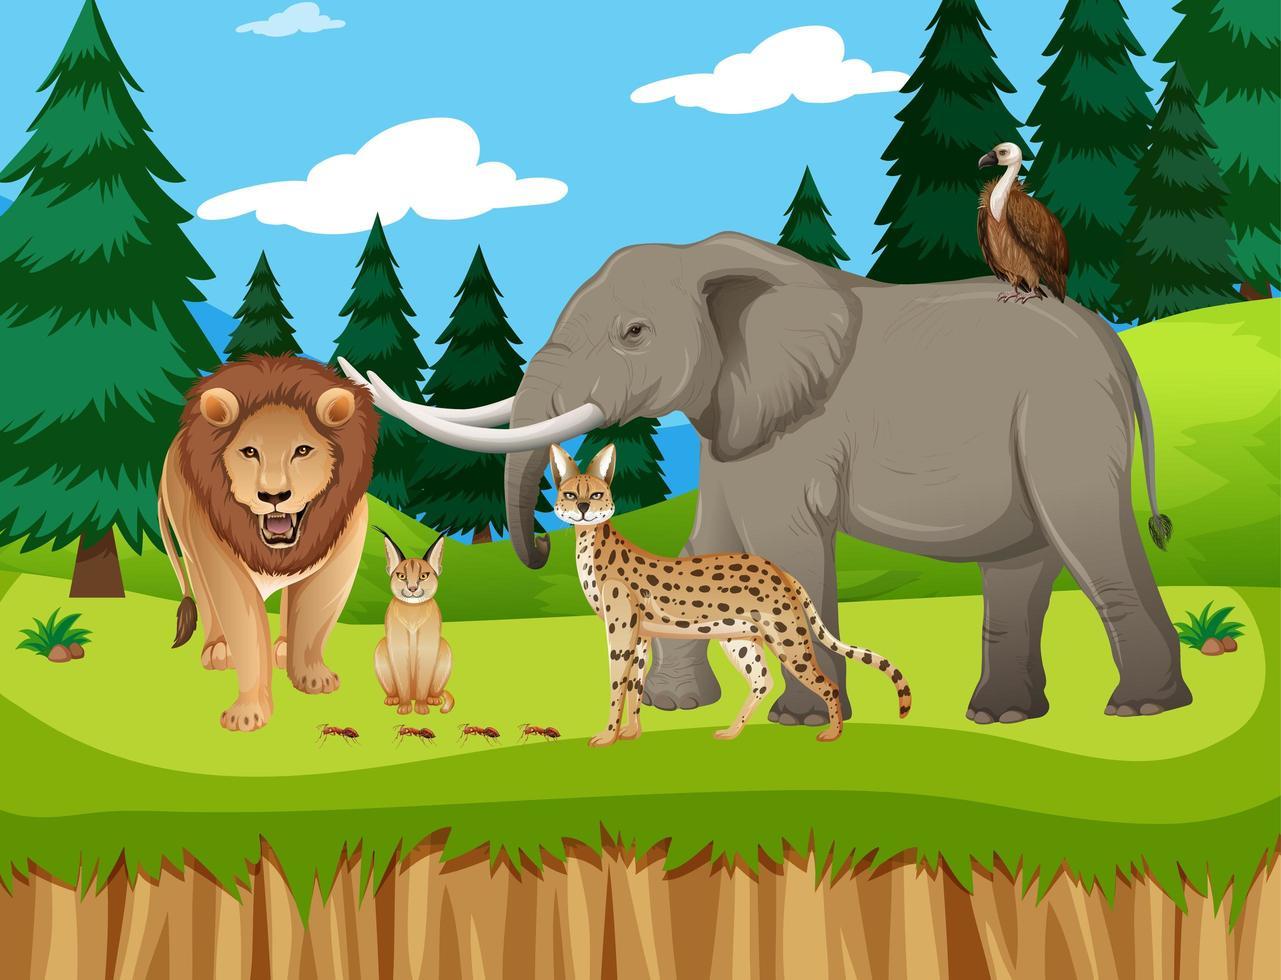 groupe d & # 39; animaux sauvages africains dans la scène du zoo vecteur